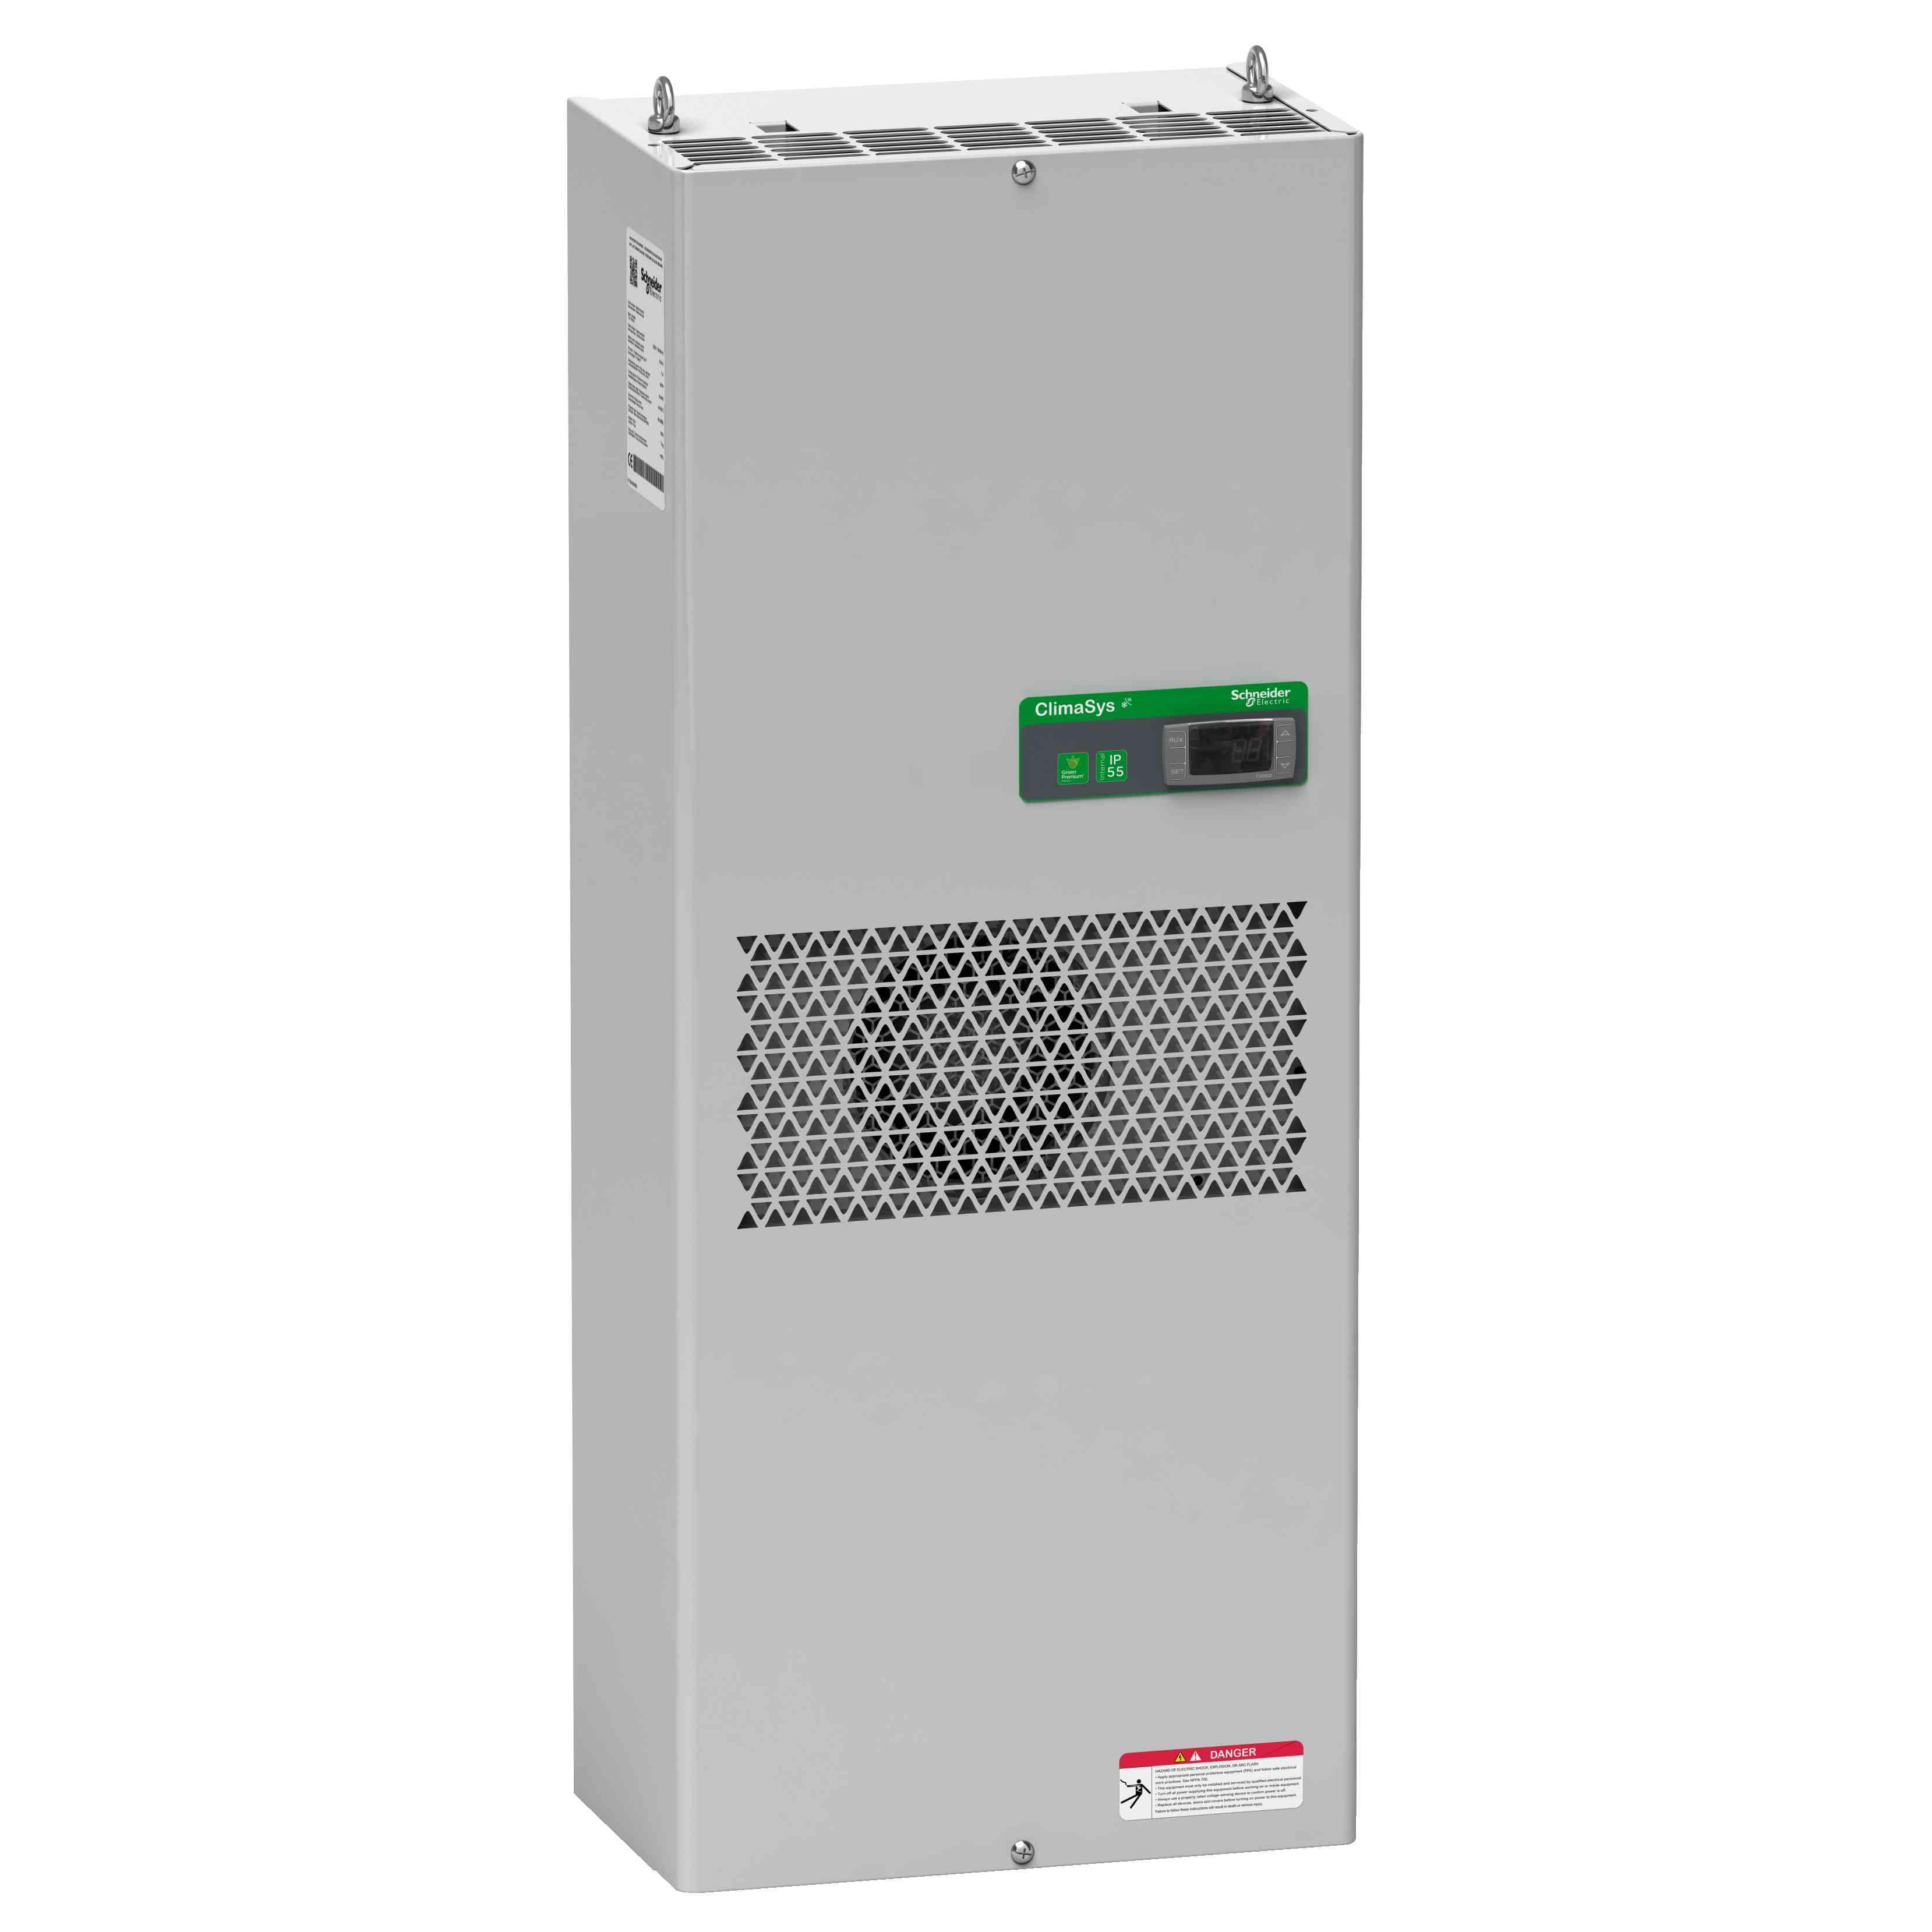 Standardna hladilna enota ClimaSys ob strani omare - 1250 W pri 230 V